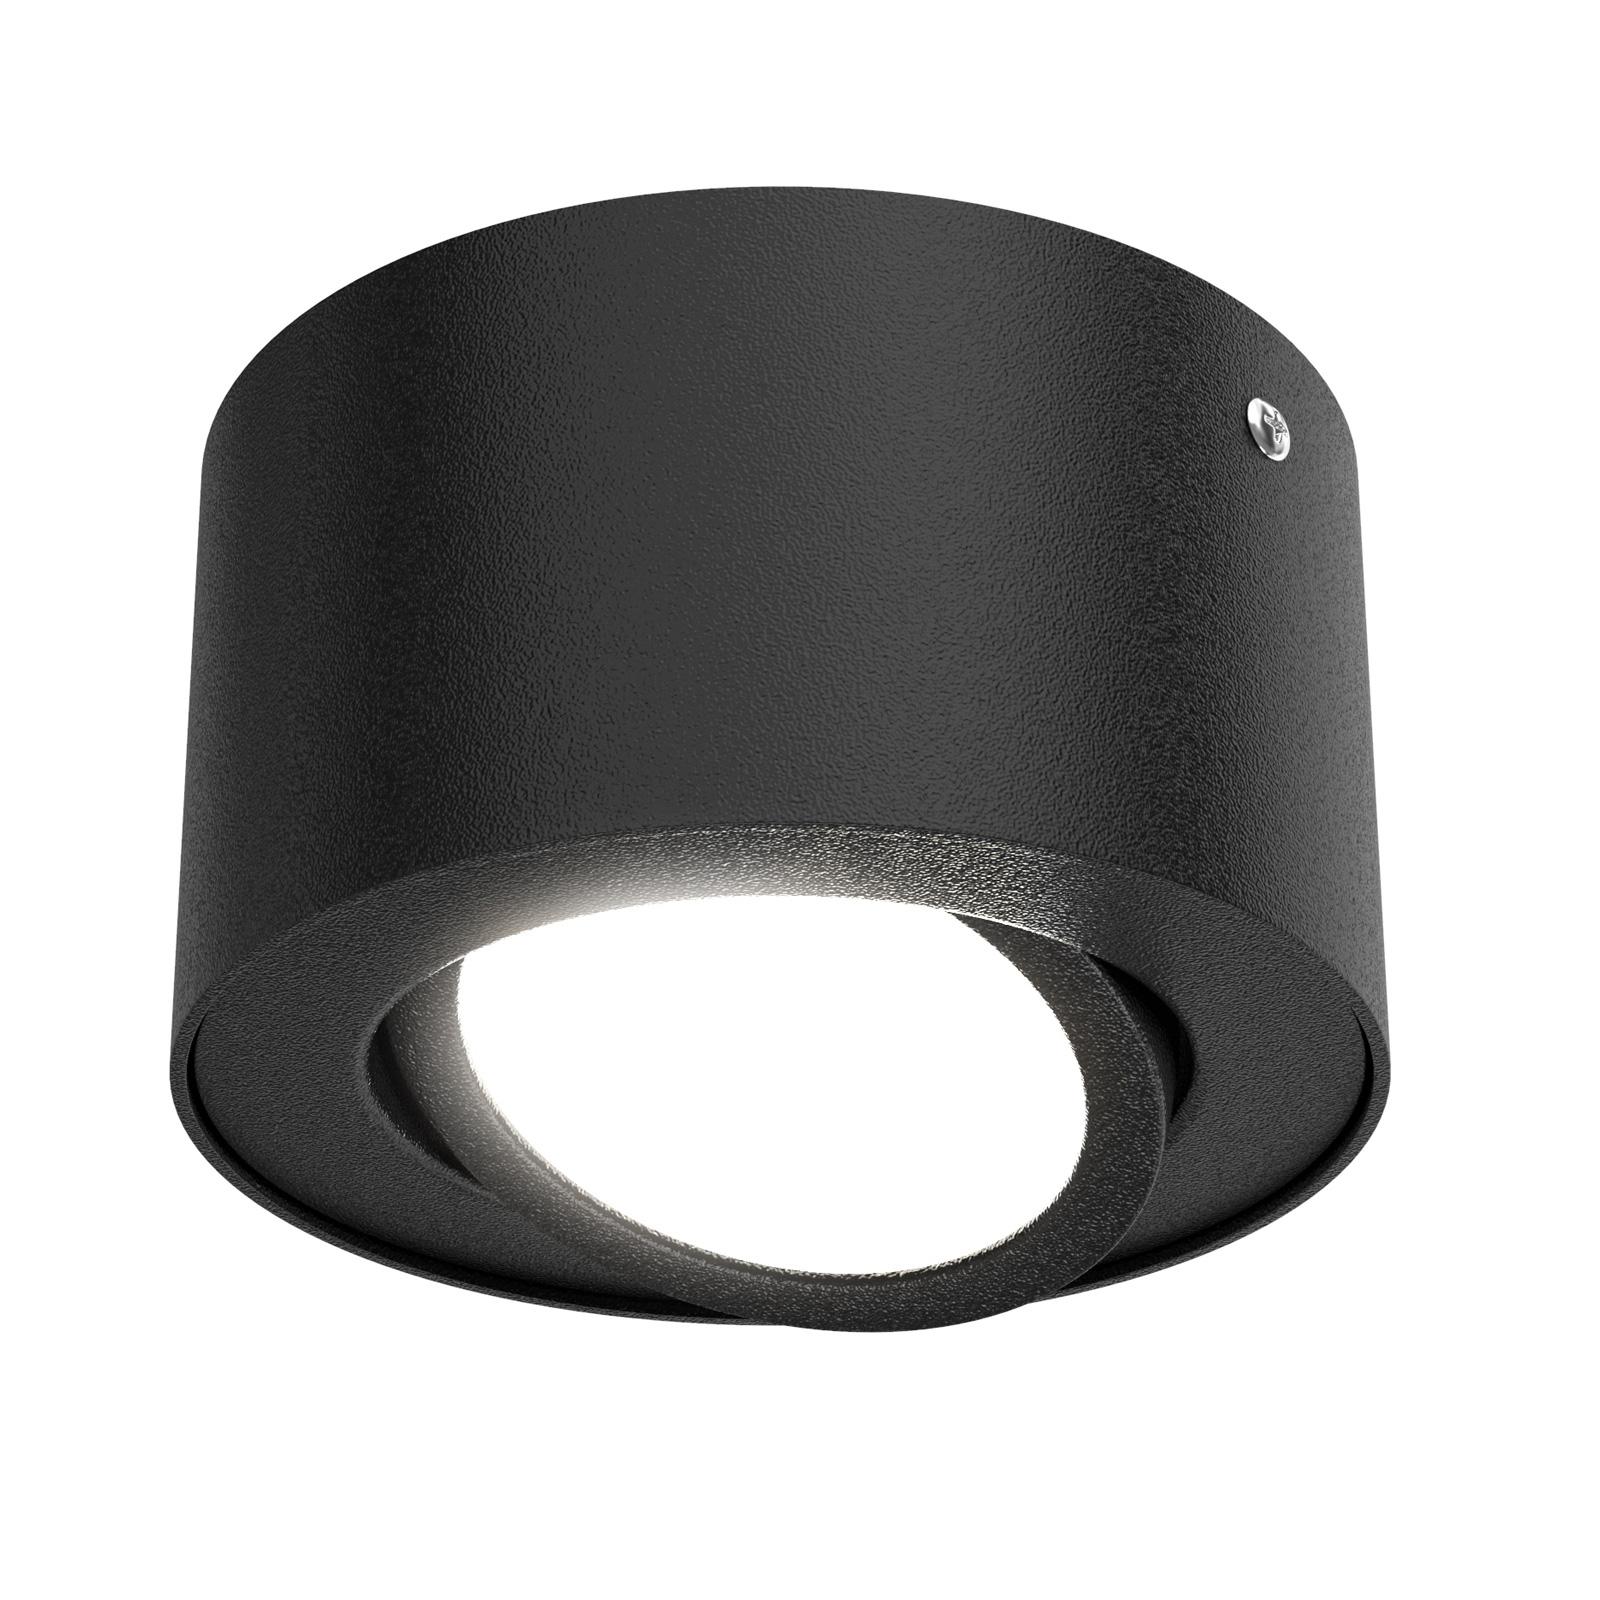 Spot sufitowy LED Tube 7121-015 czarny